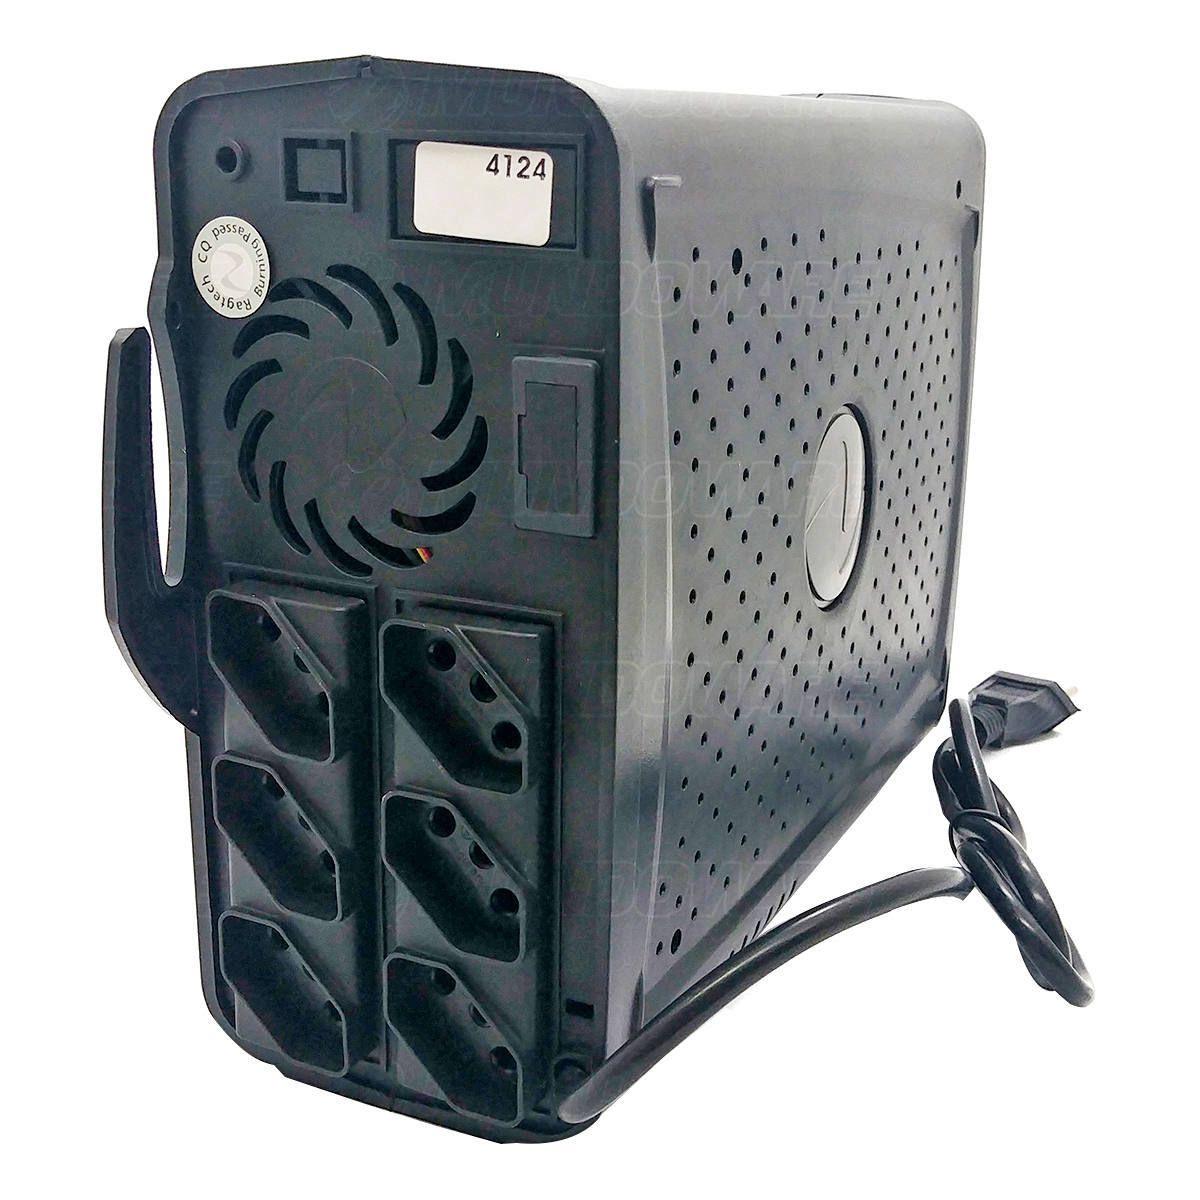 Nobreak 220V E/S Monovolt 700VA 350W PWM 6 Tomadas Troca Fácil de Bateria com 7 Níveis de Proteção Ragtech 4124